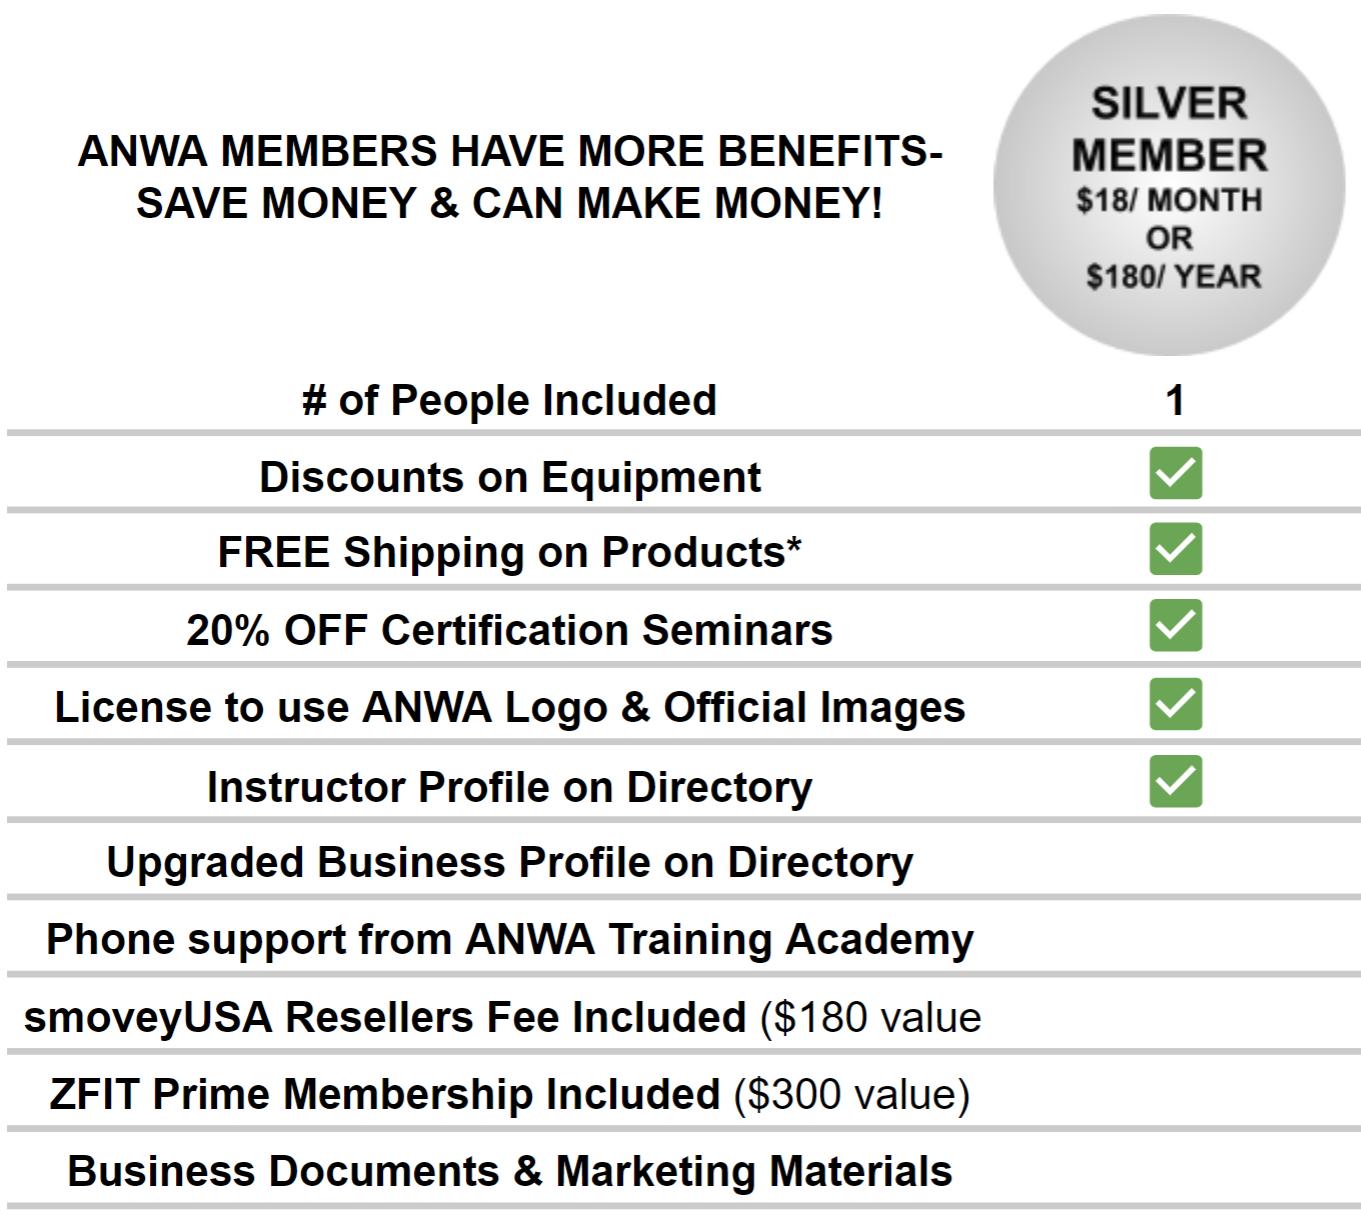 Nordic Walking Online- ANWA Membership Package- Silver Member